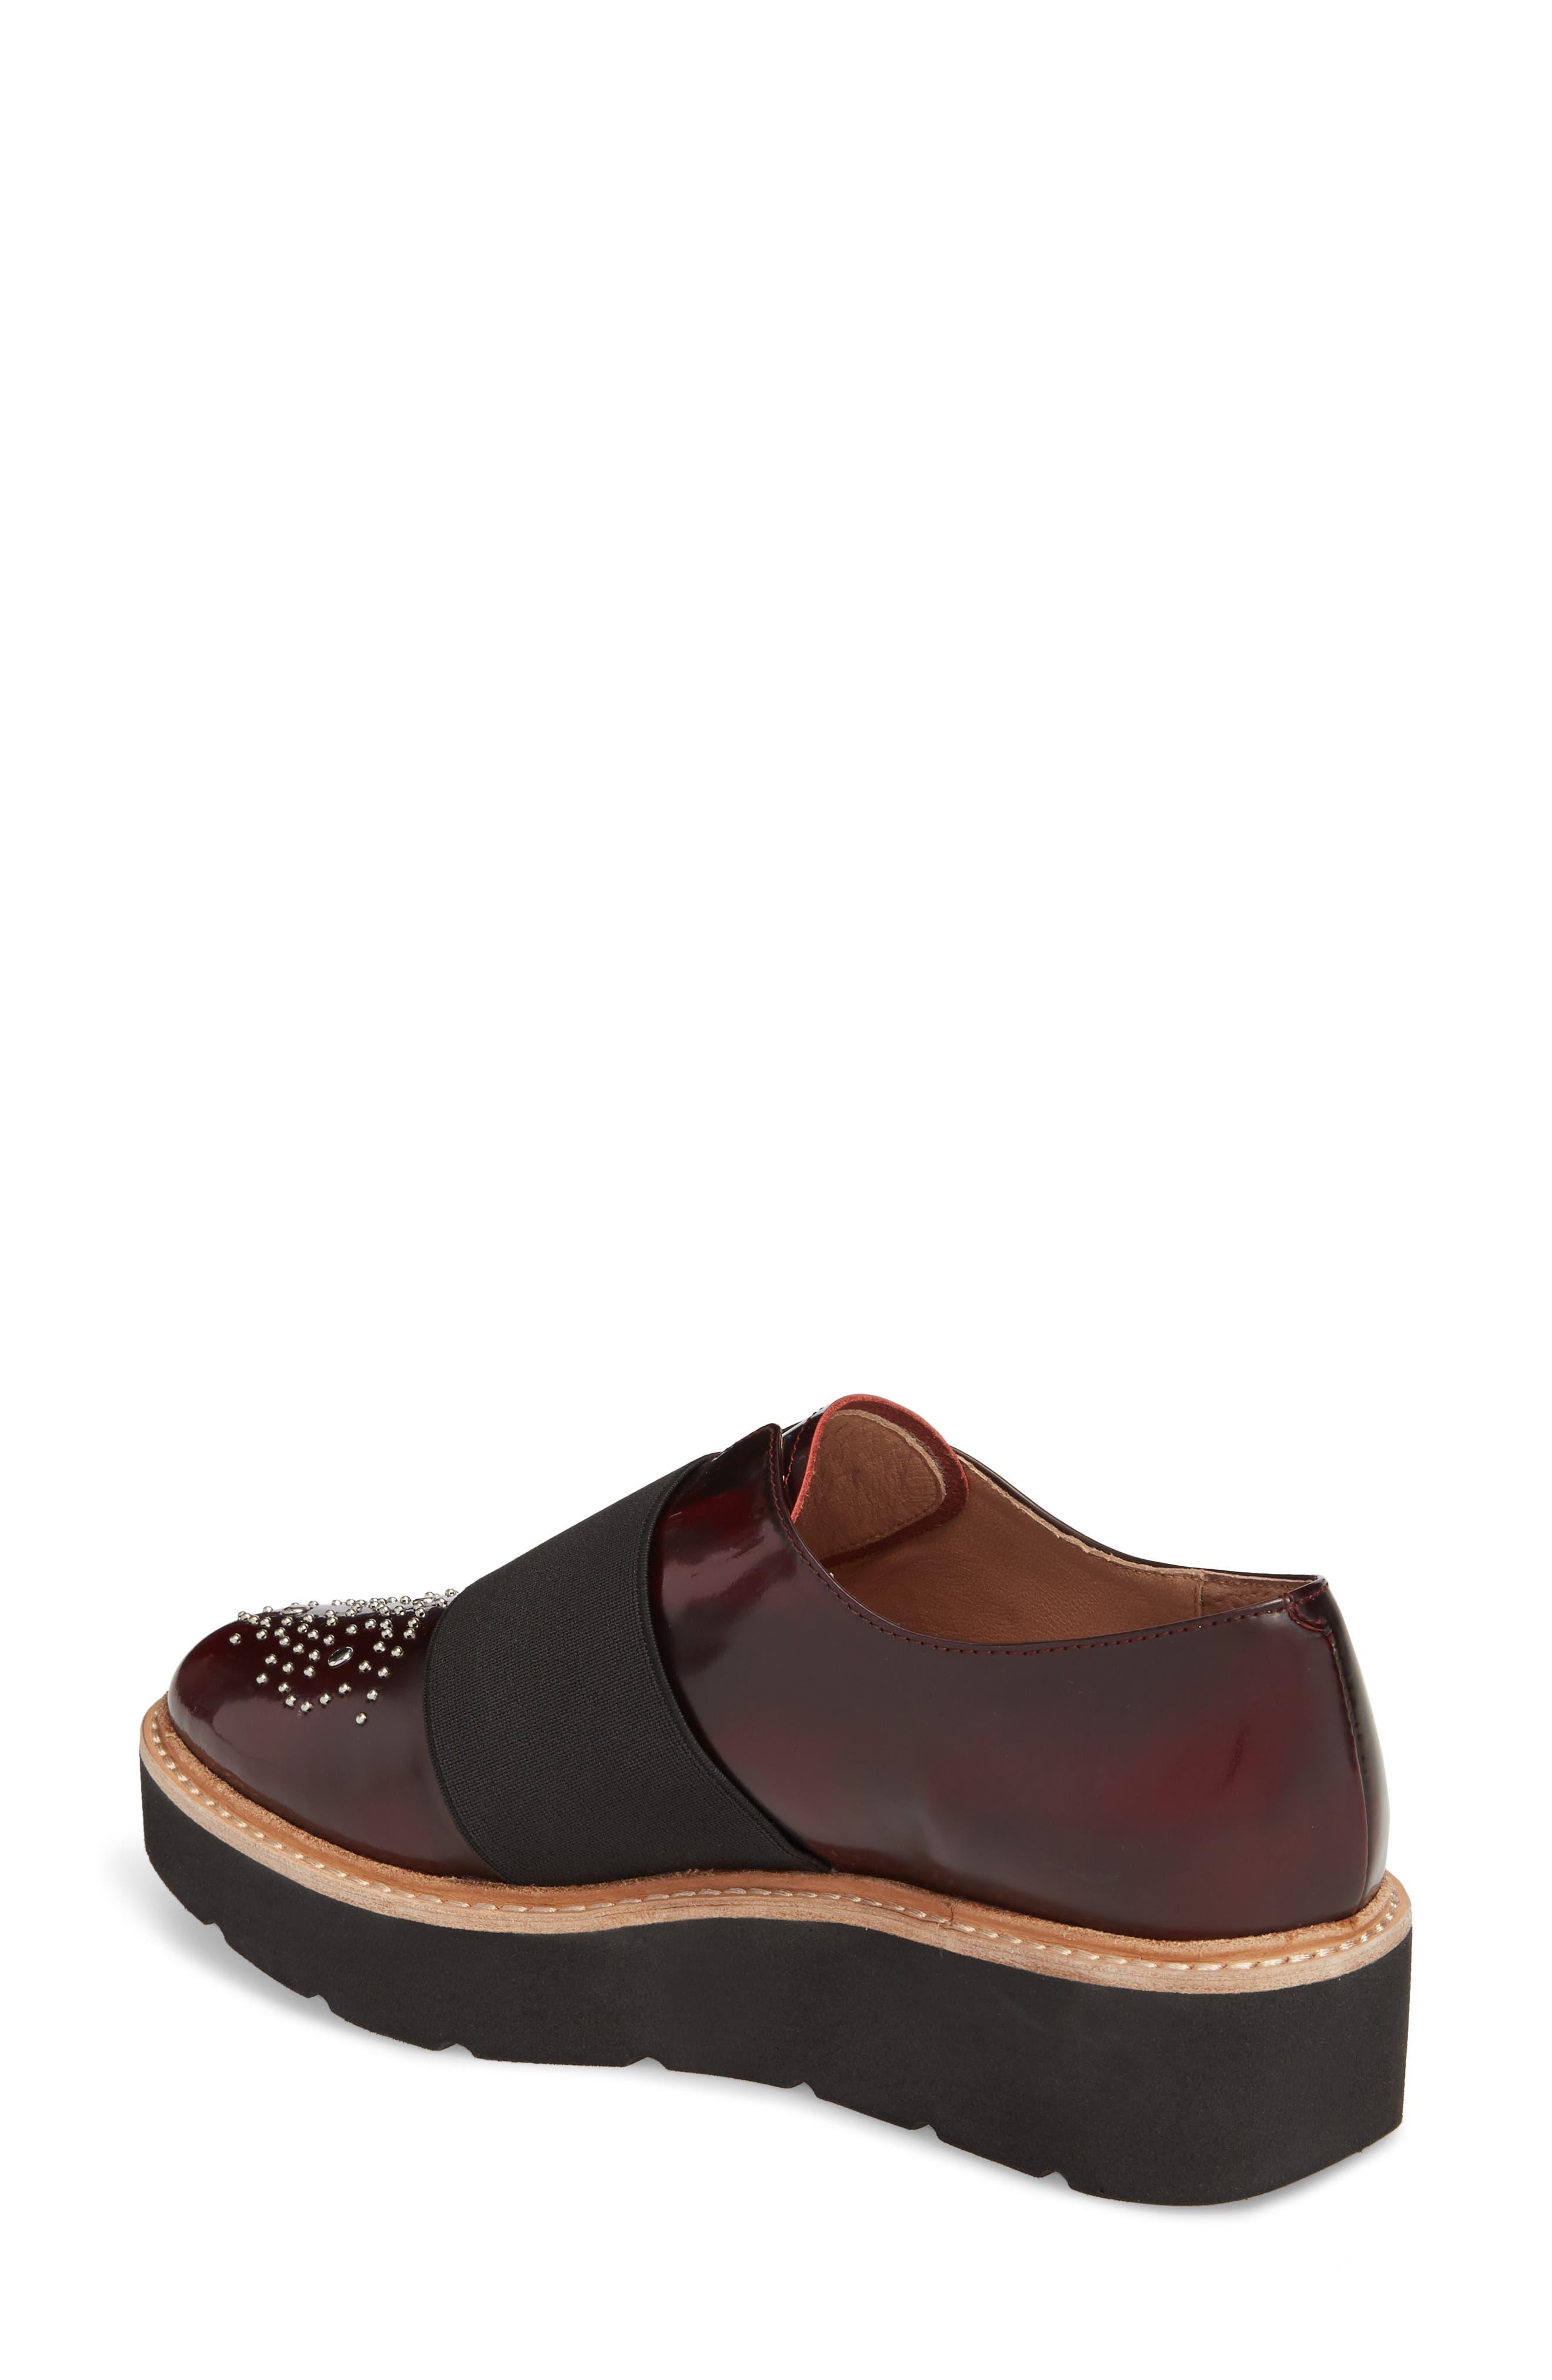 Jenna Platform Loafer,                             Alternate thumbnail 2, color,                             Burgundy Leather